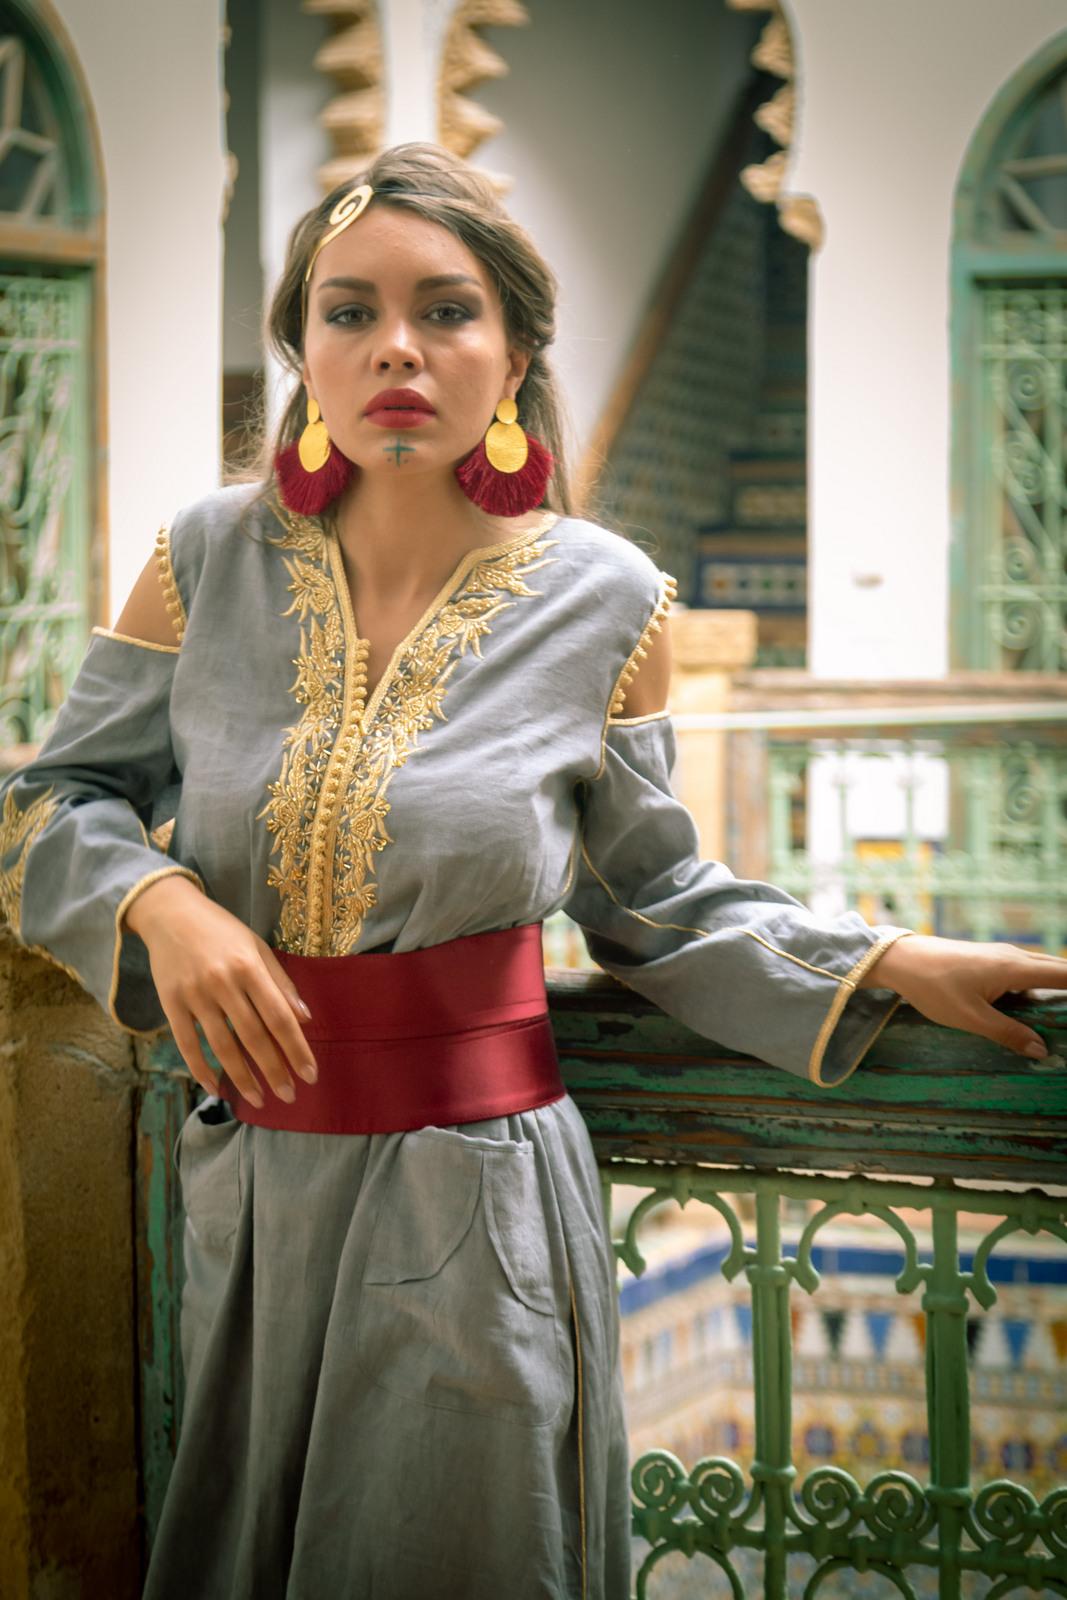 Shooting designs de Rajae Errais au Riad Zeina à la médina de Rabat. Merci à David Azuelos pour sa générosité et sa disponibilité. Photogrpahie by Darem Bouchentouf. Assitant photogrpahe Lahcen Erradi.